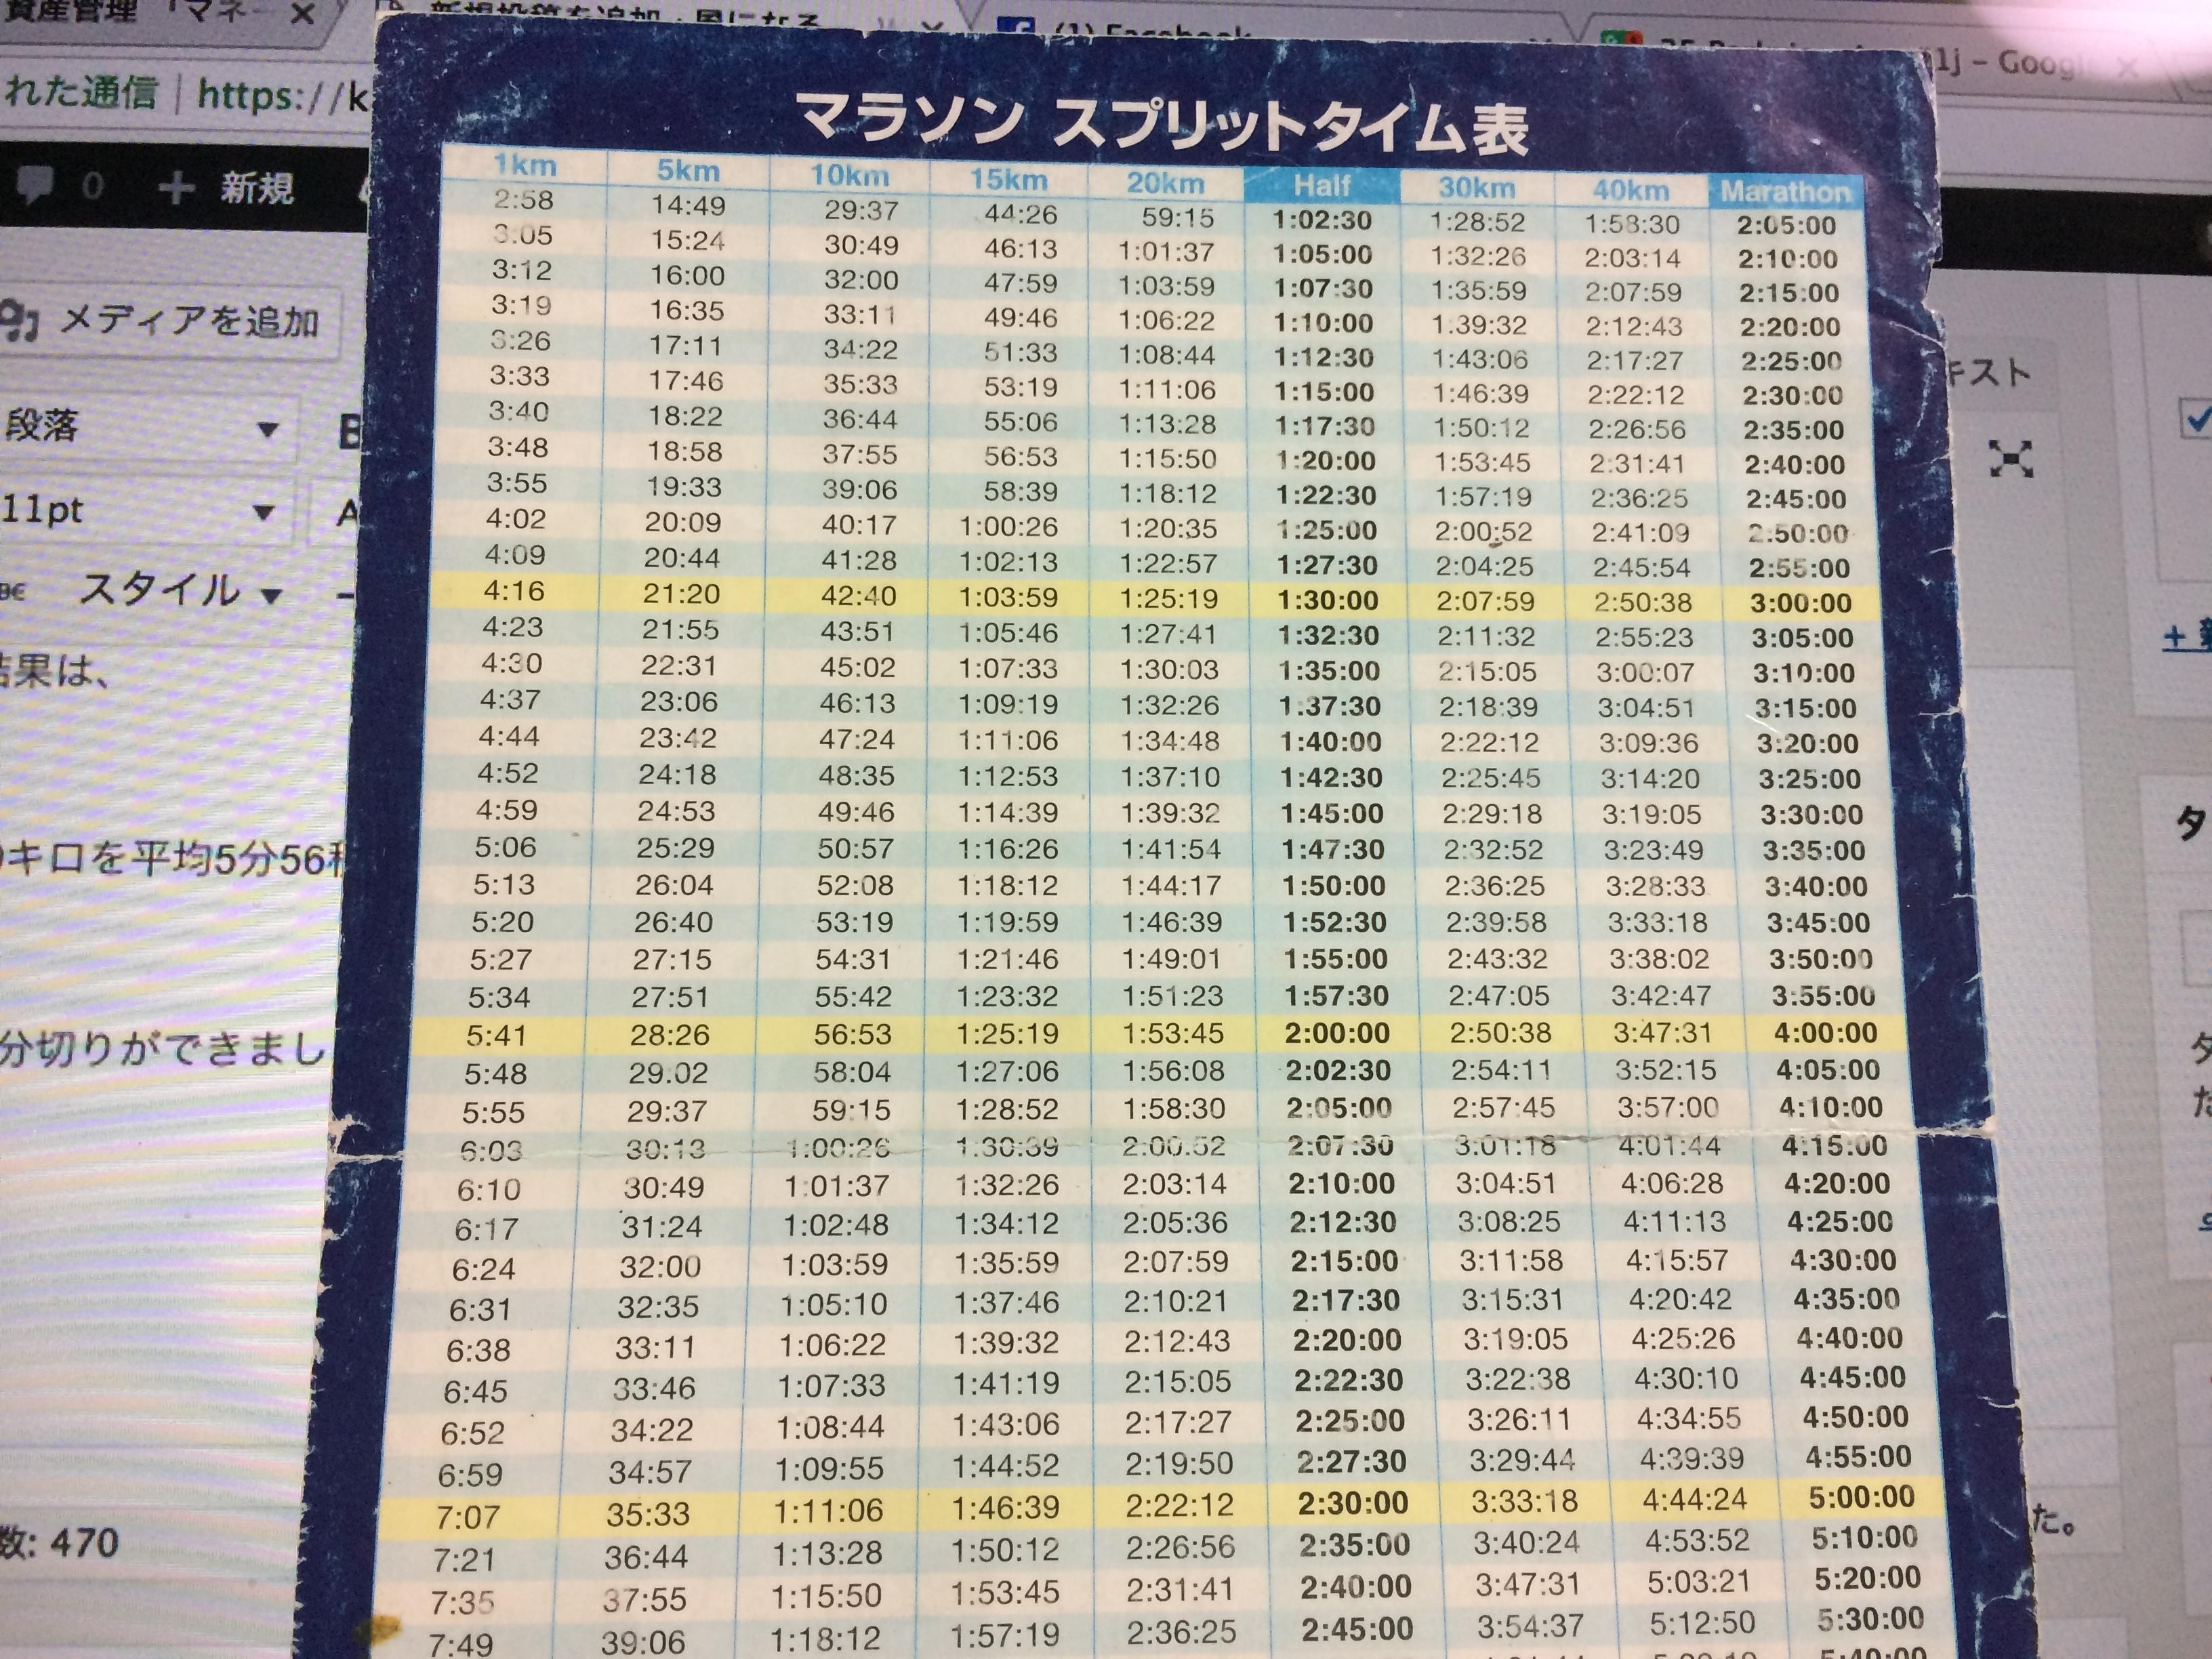 アラ還マラソン練習日記 バナナ・スイッチで気合いを入れる!